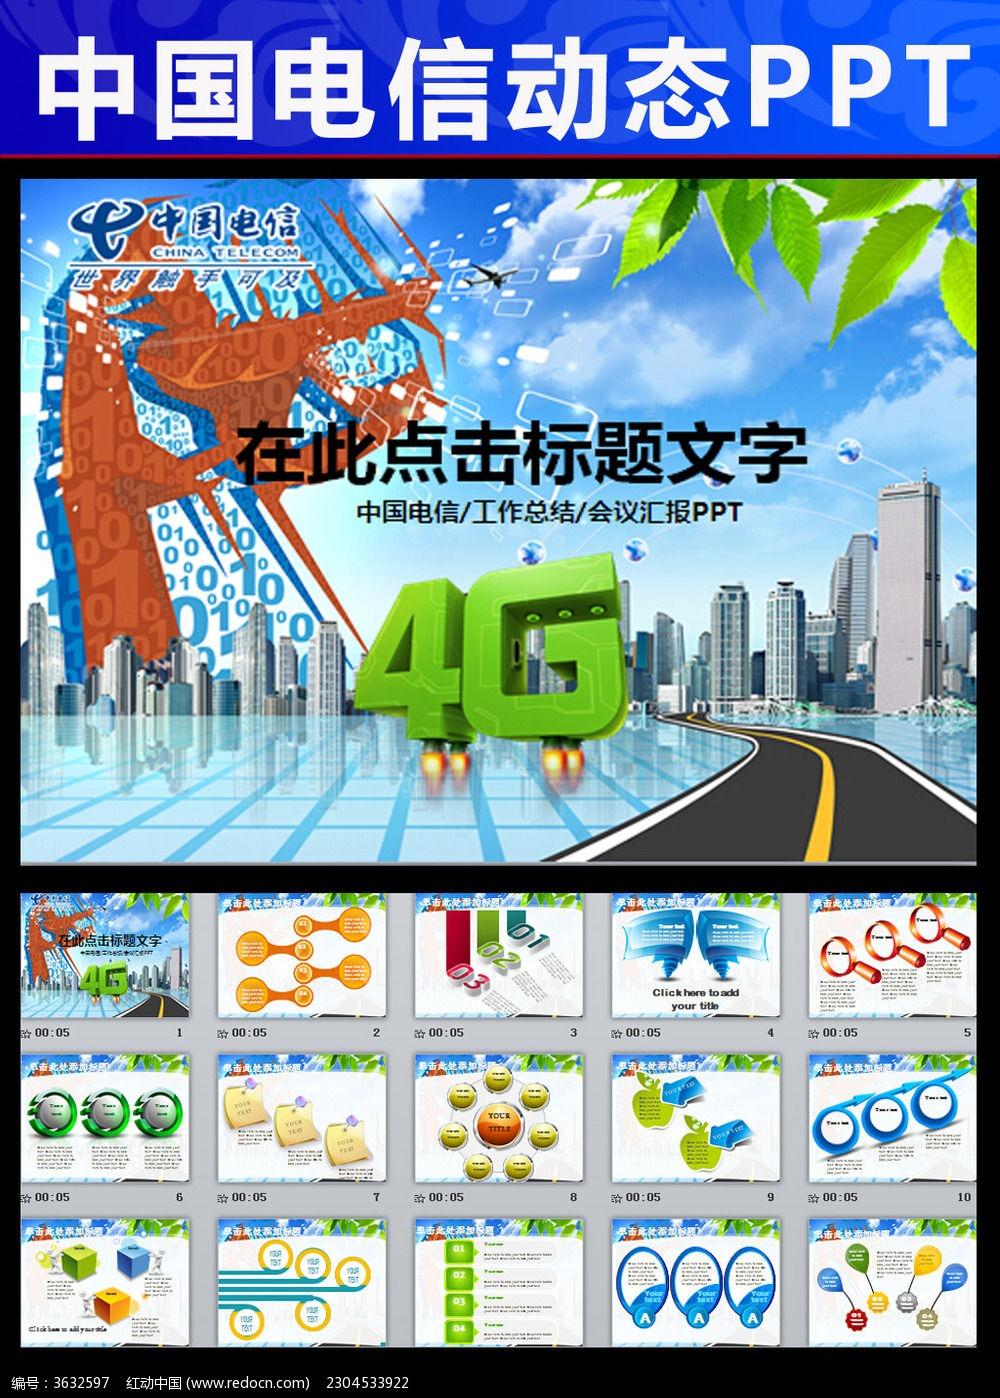 标签:中国电信天翼4G宽带手机动态PPT模板图片下载中国电信 通信 通讯 宽带 固话 手机 动态PPT 中国电信PPT 工作 总结 计划 会议 报告 PPT PPT模板 PPT图表 天翼 189 电信 4G 蓝色